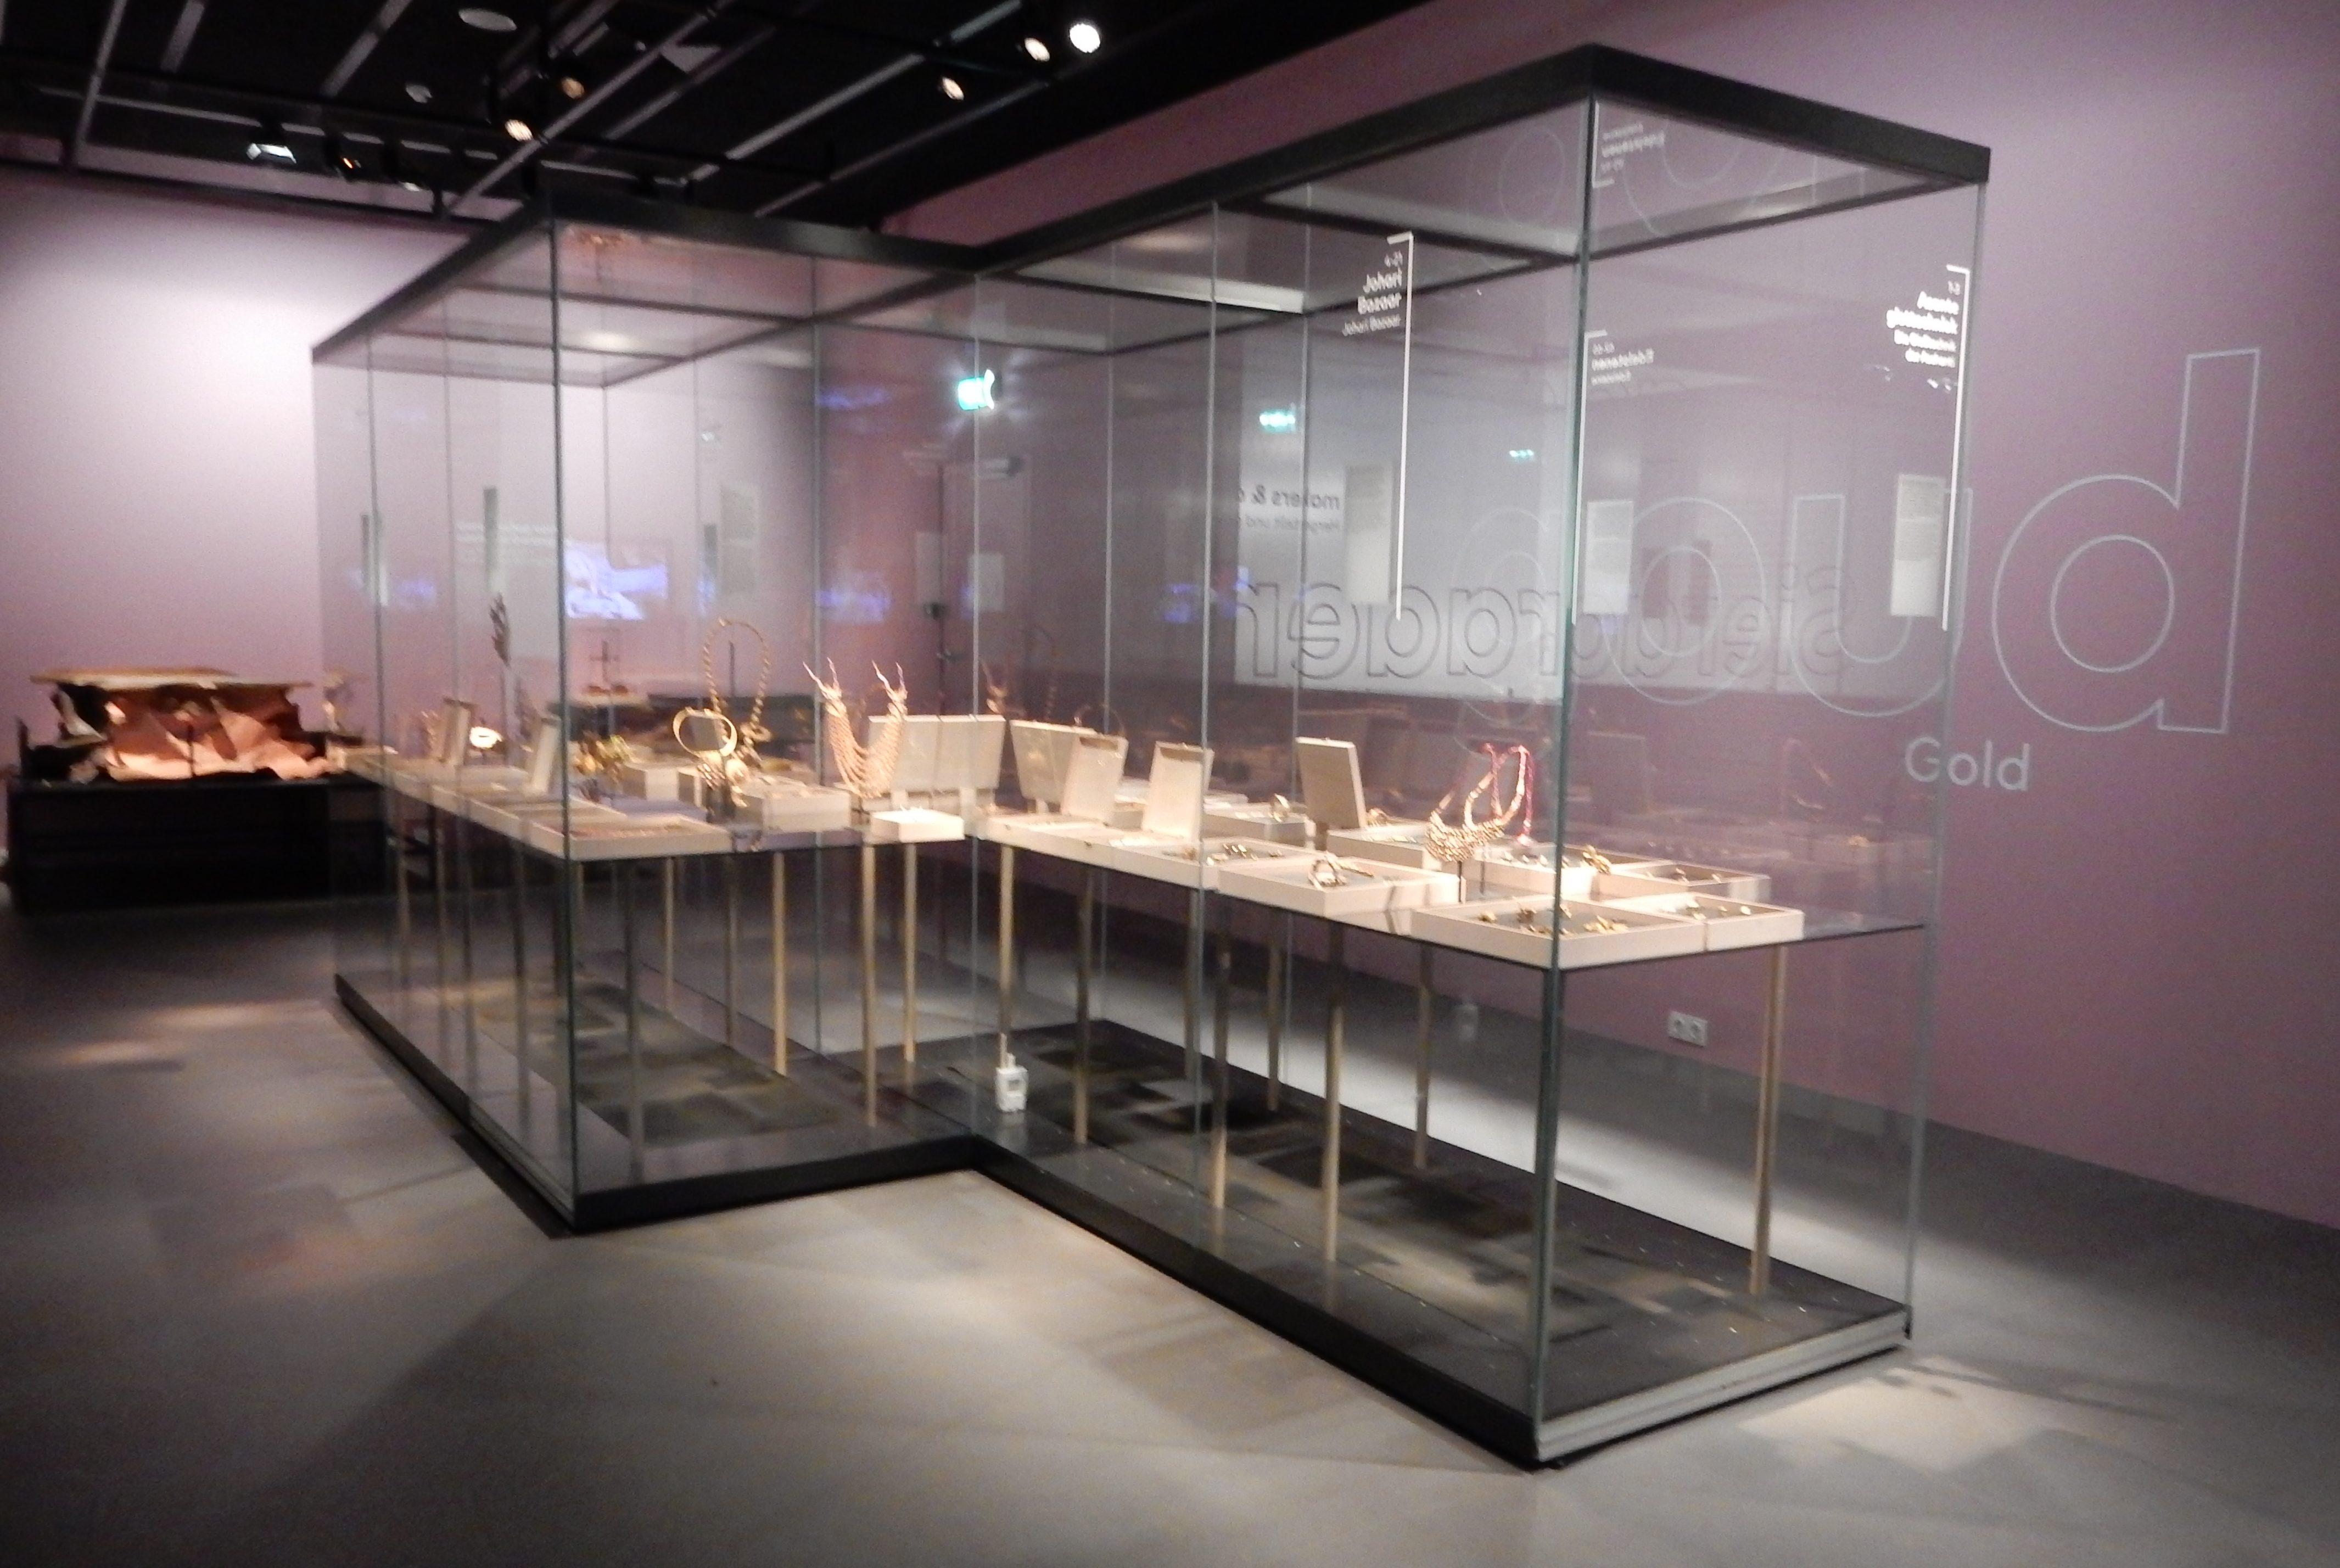 Sieraden, makers en dragers, Goud, Afrika Museum, Berg en Dal. Foto met dank aan Coert Peter Krabbe, 2018, CC BY 4.0